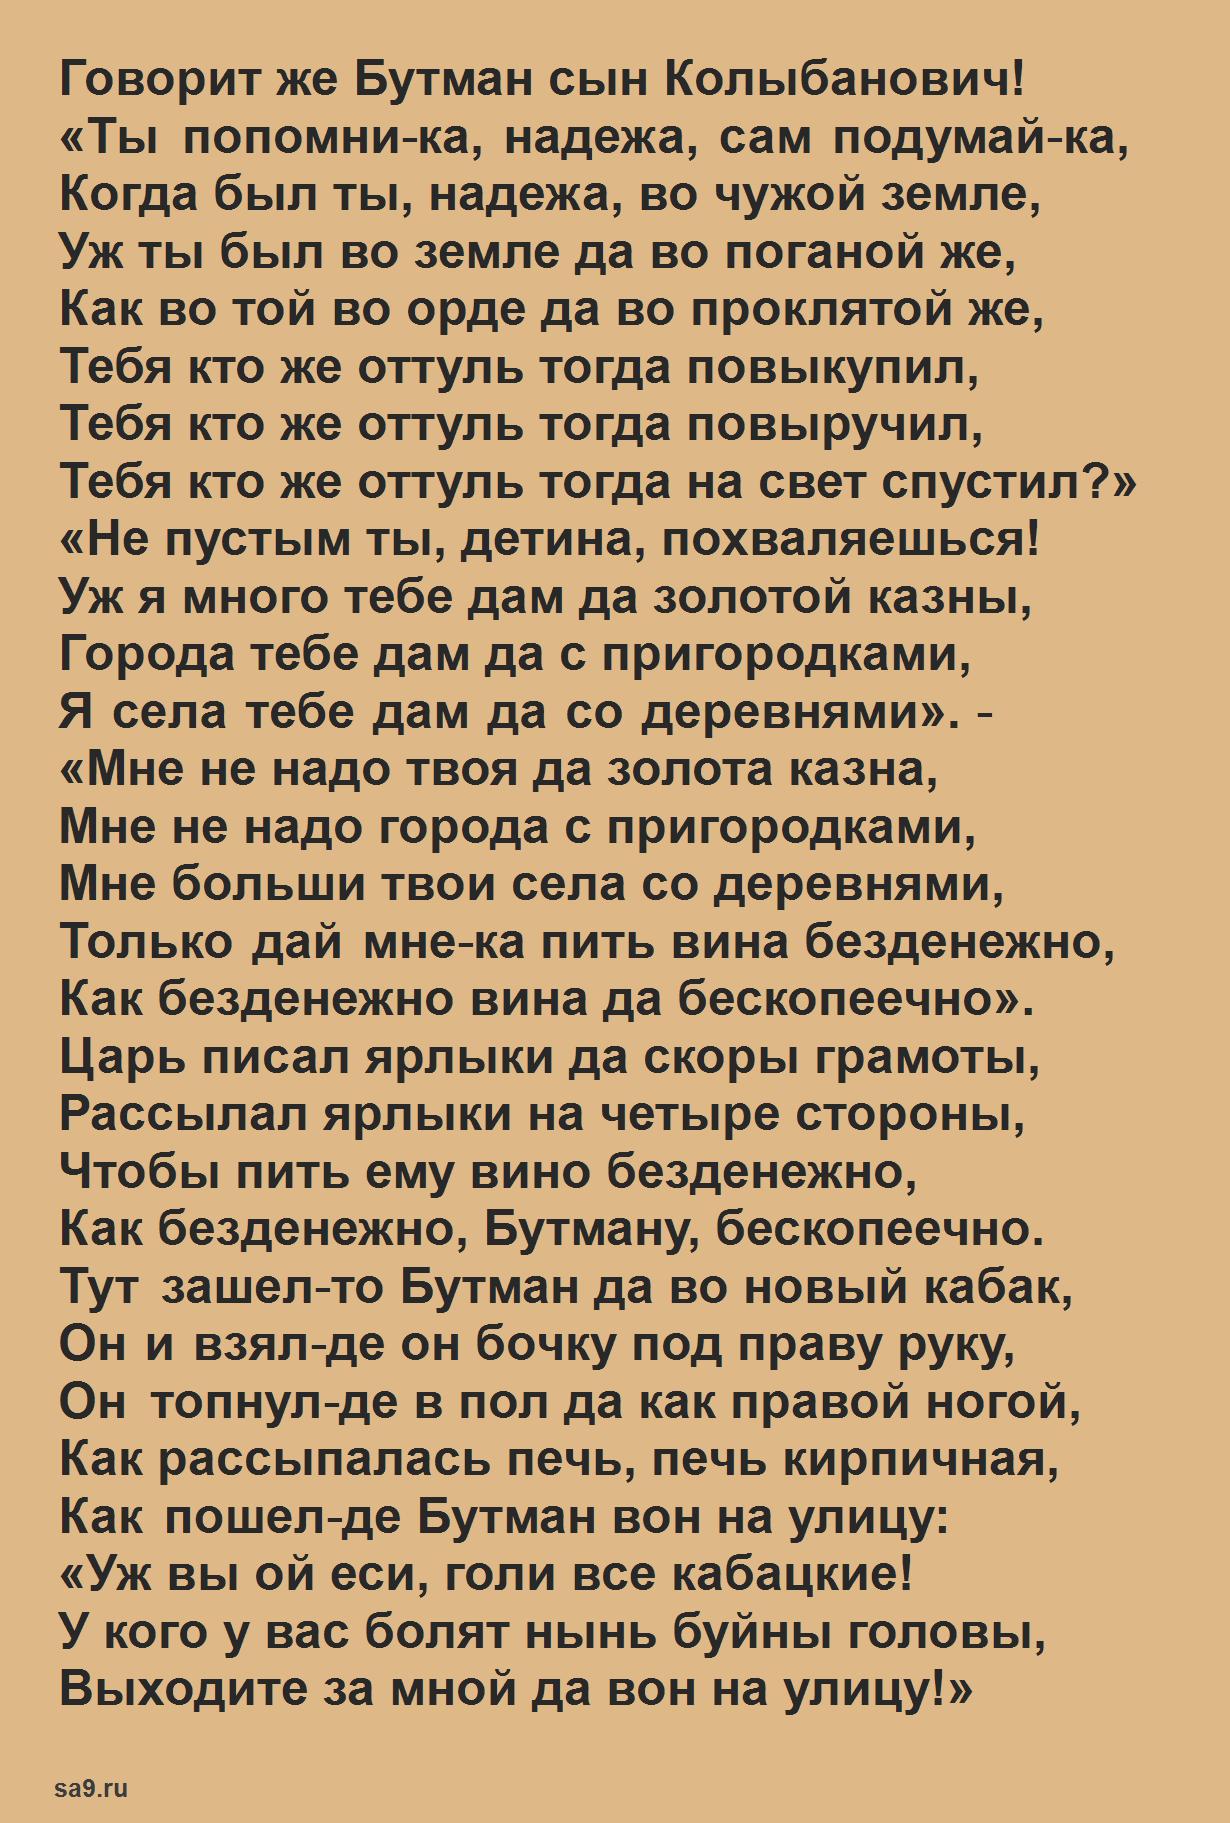 Читать былину - Бутман Колыбанович, полностью бесплатно